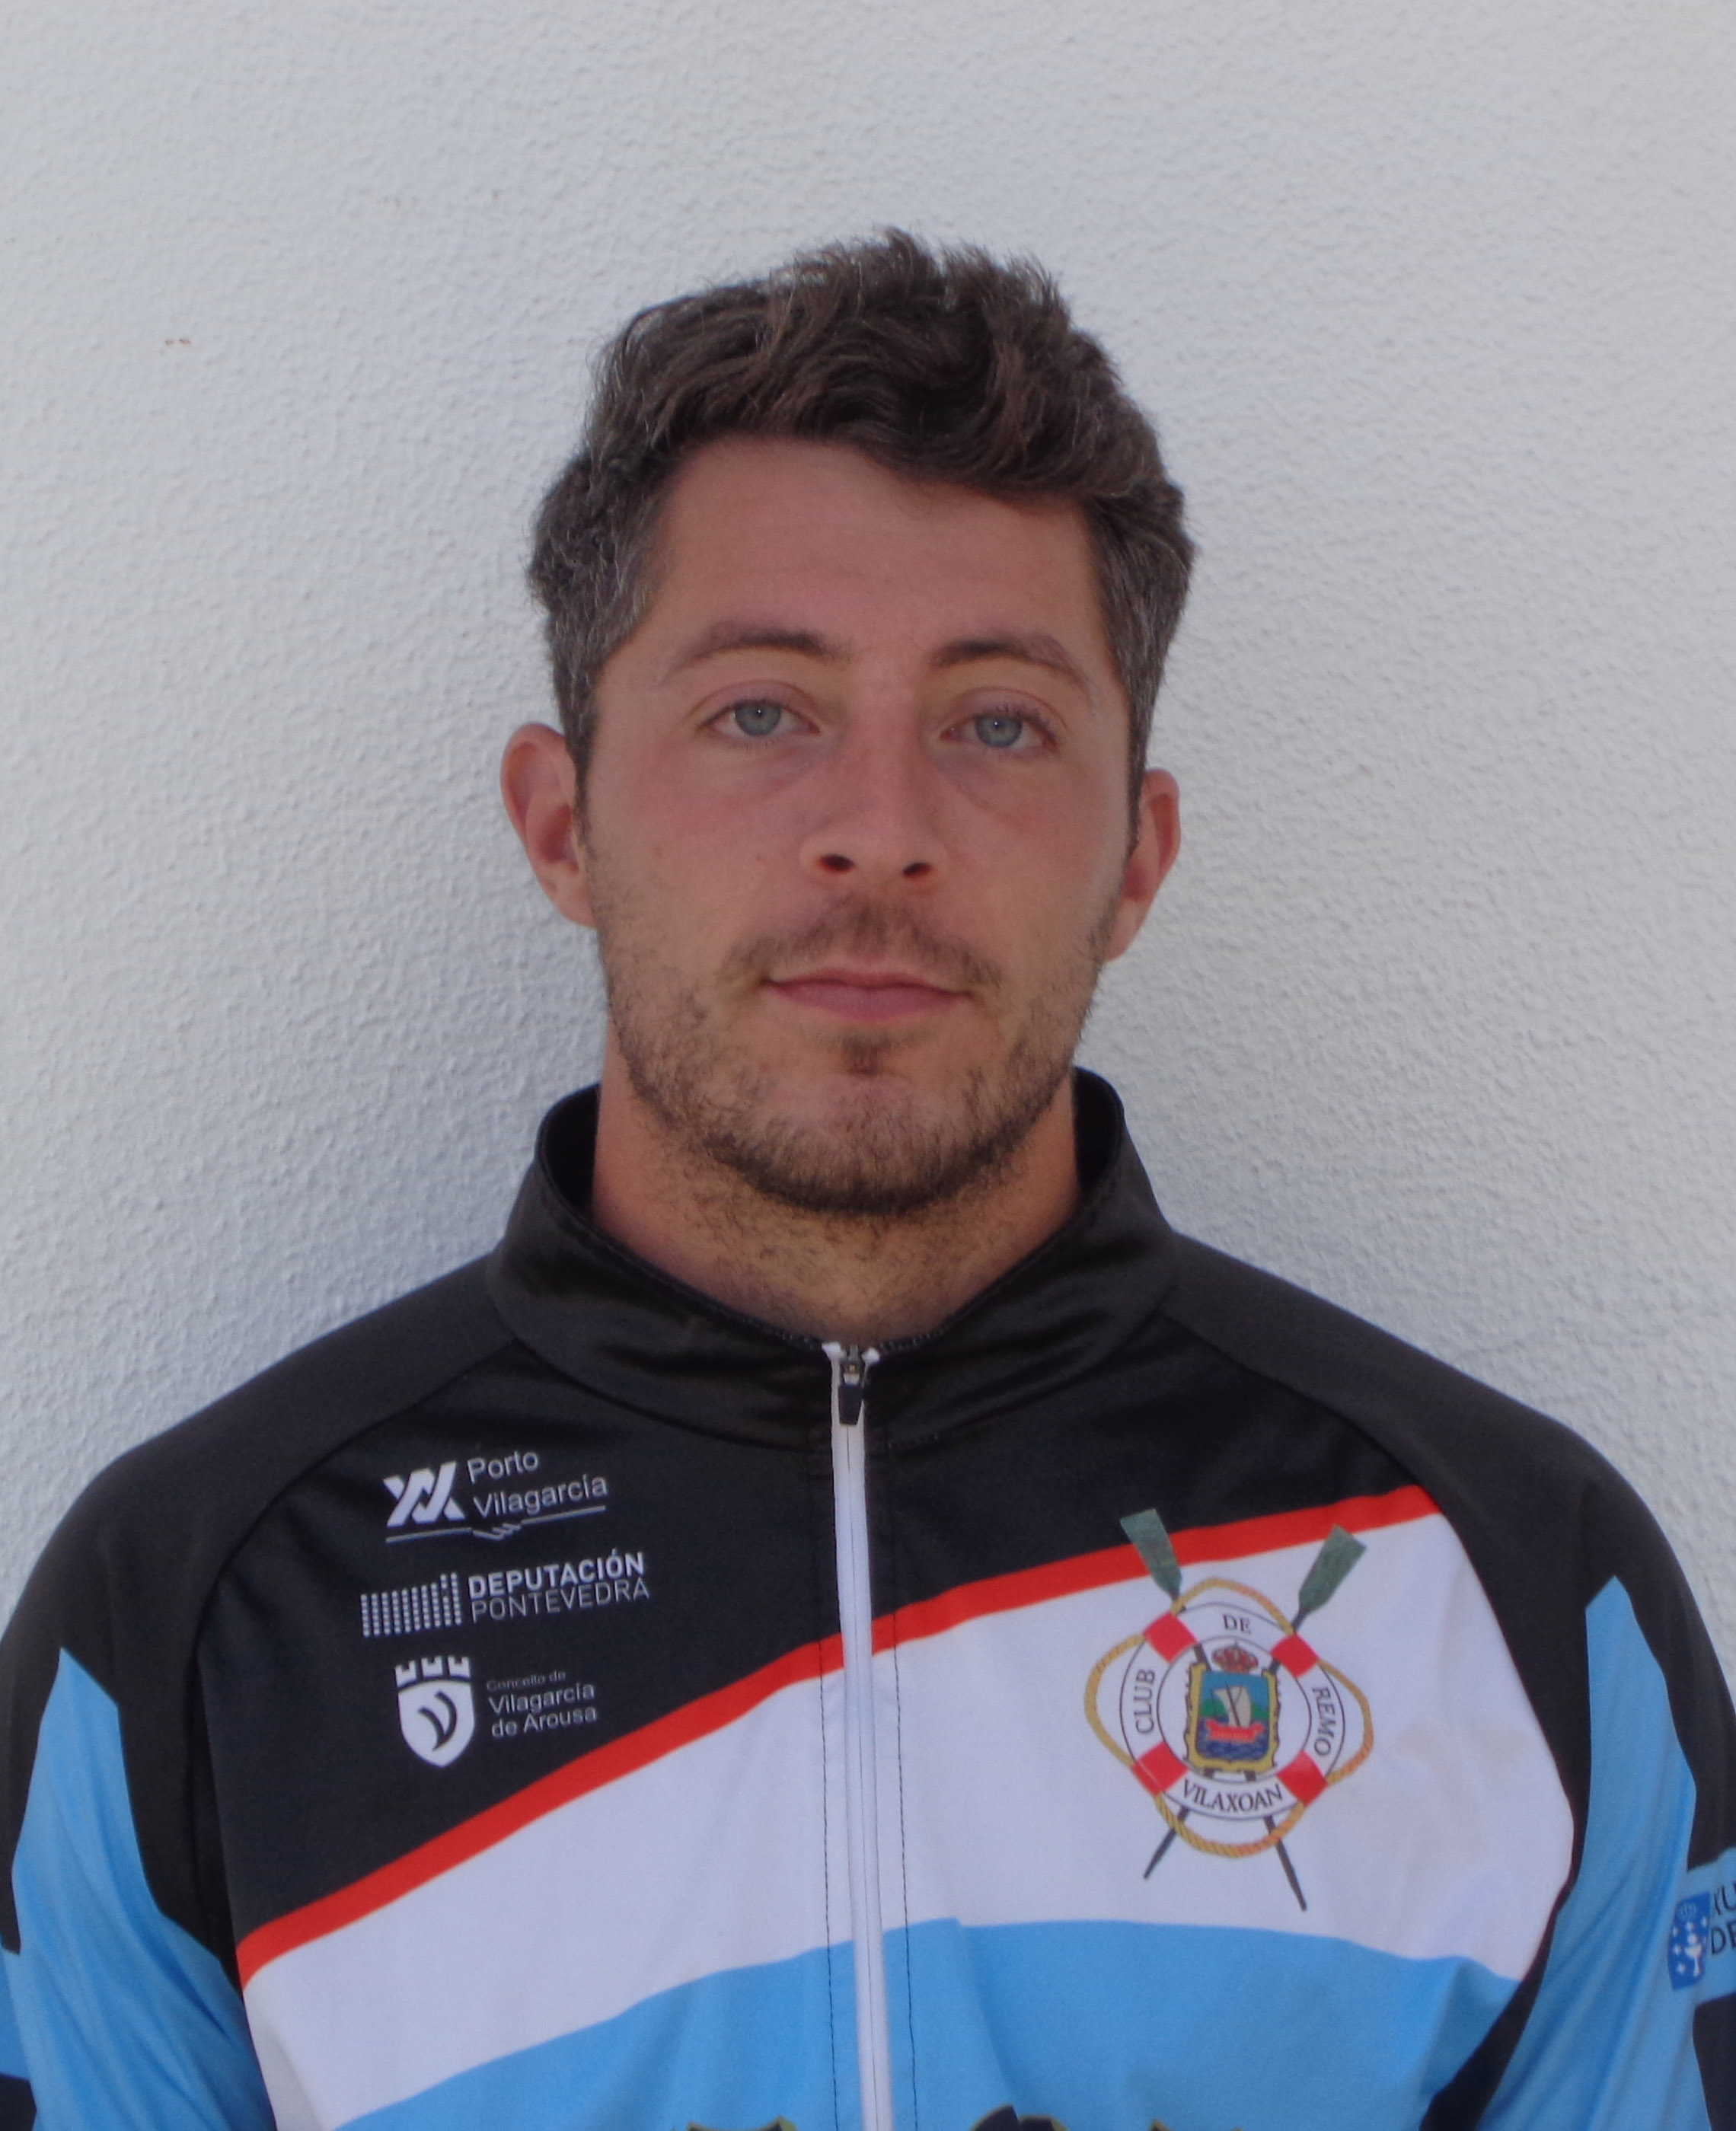 Juan A. Ferreiros - NON PROPIO